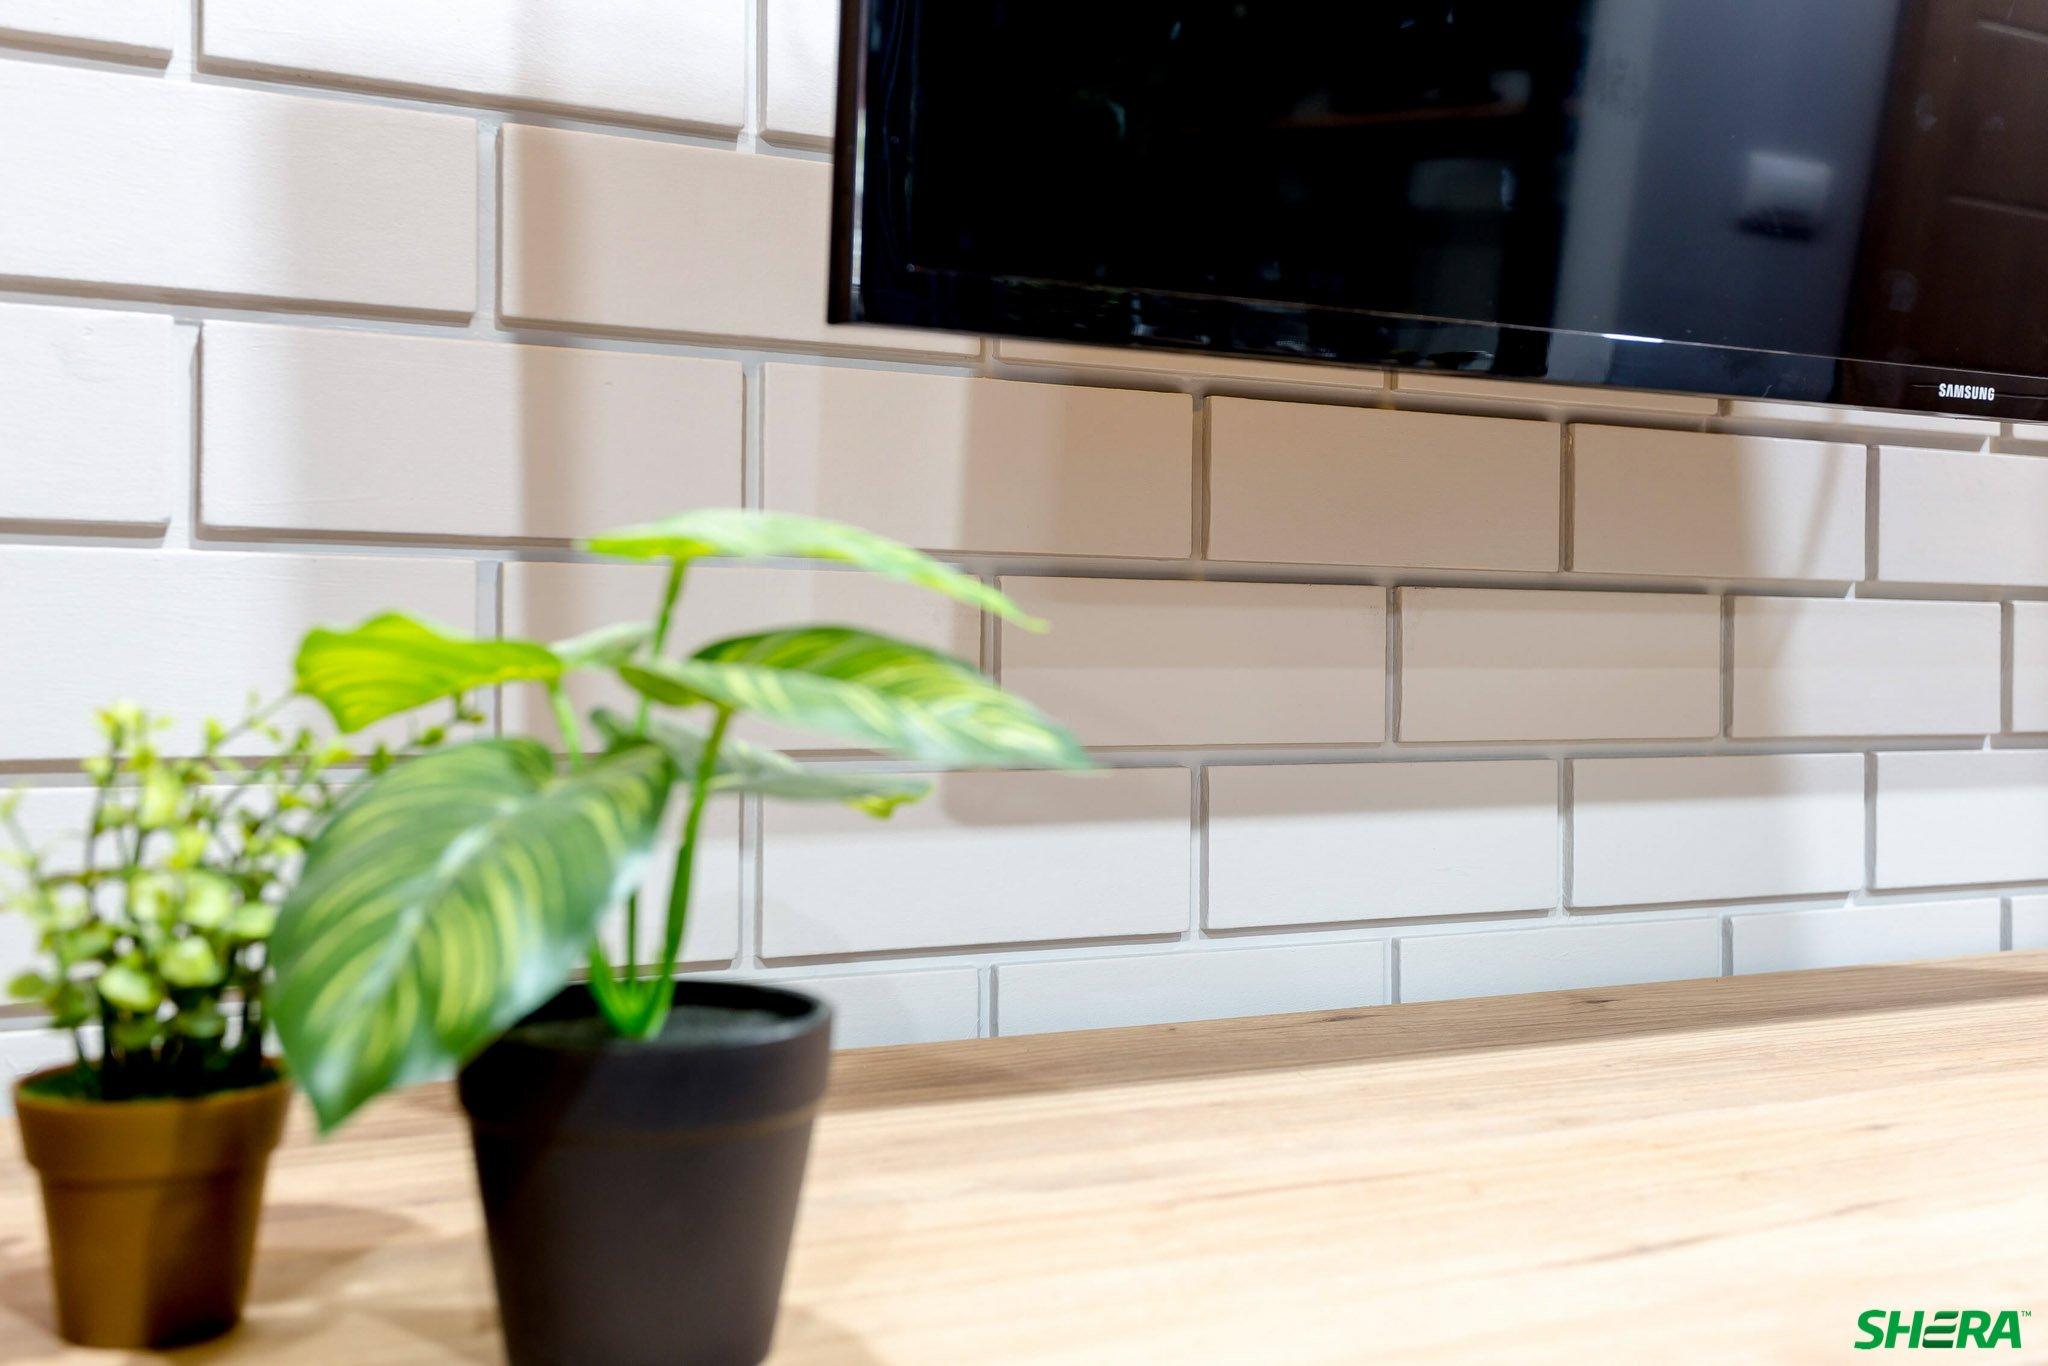 รีโนเวทบ้าน แปลงคอนโดเก่าเป็นสไตล์ Loft และประตูสวยทนด้วยไฟเบอร์ซีเมนต์จาก Shera 24 - fiber cement wood